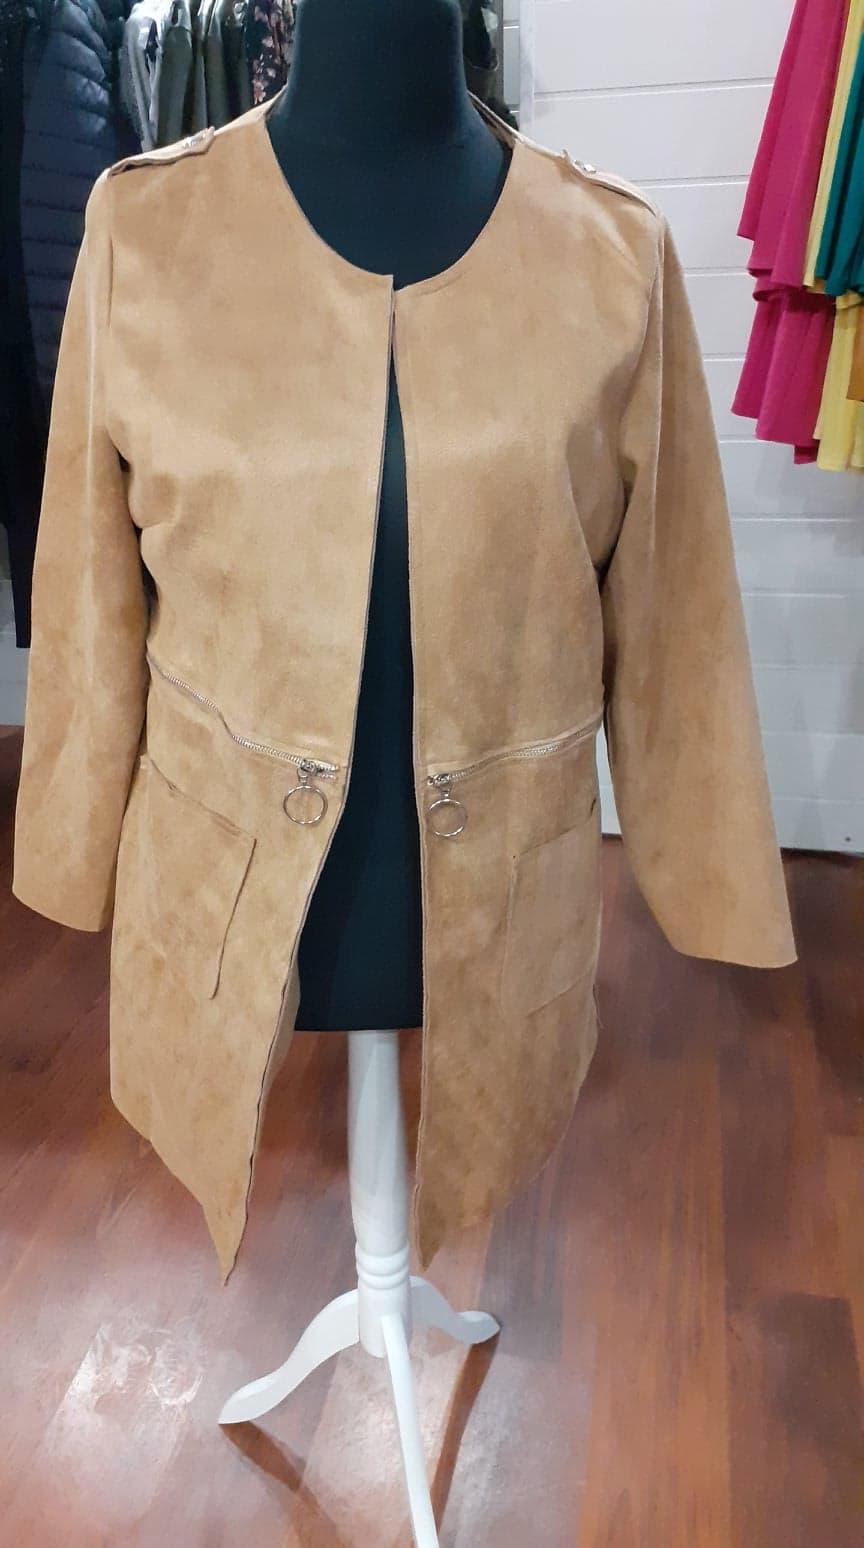 longue veste peau de peche beige - lon-ves-pea-pech-bei